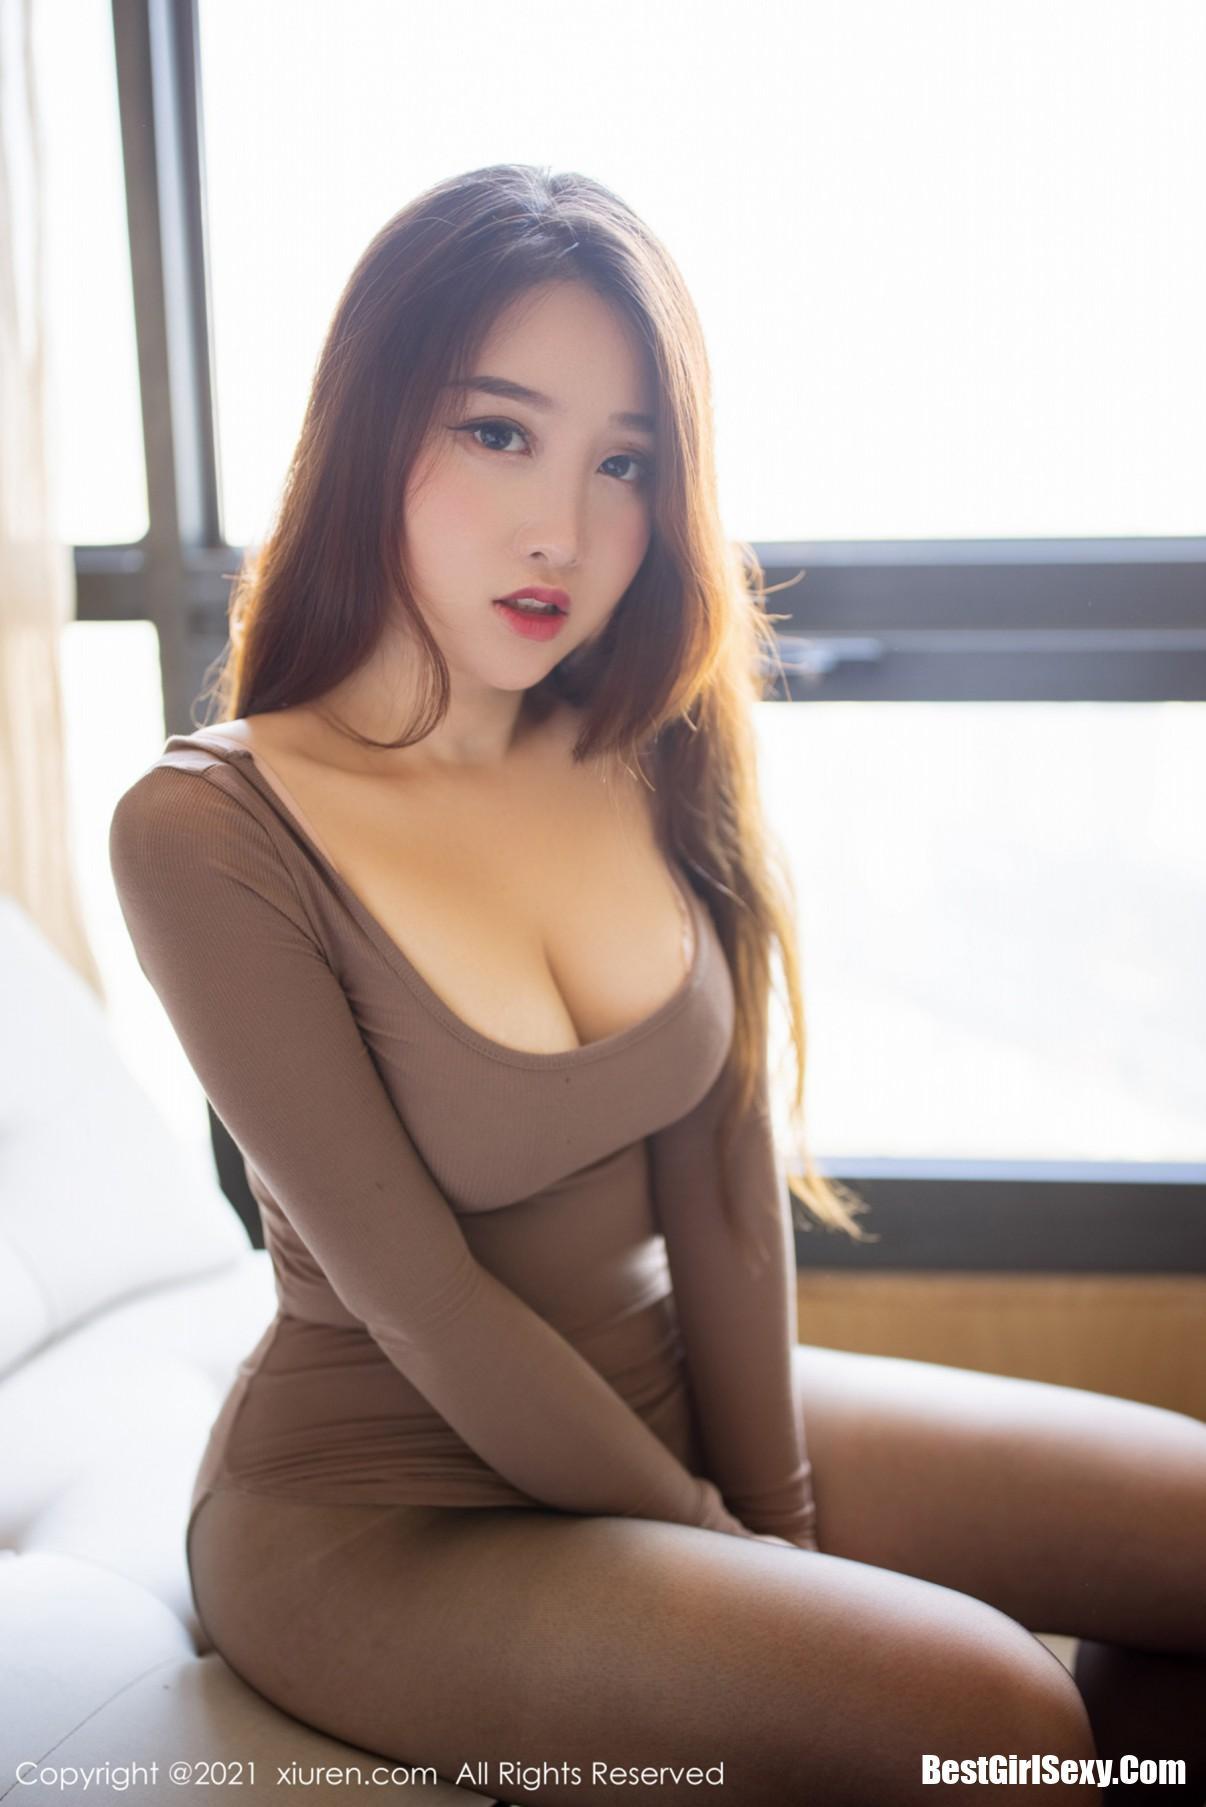 XiuRen秀人网 No.3430 Mila Dou Du Du, XiuRen秀人网 No.3430, Mila豆嘟嘟, Mila Dou Du Du